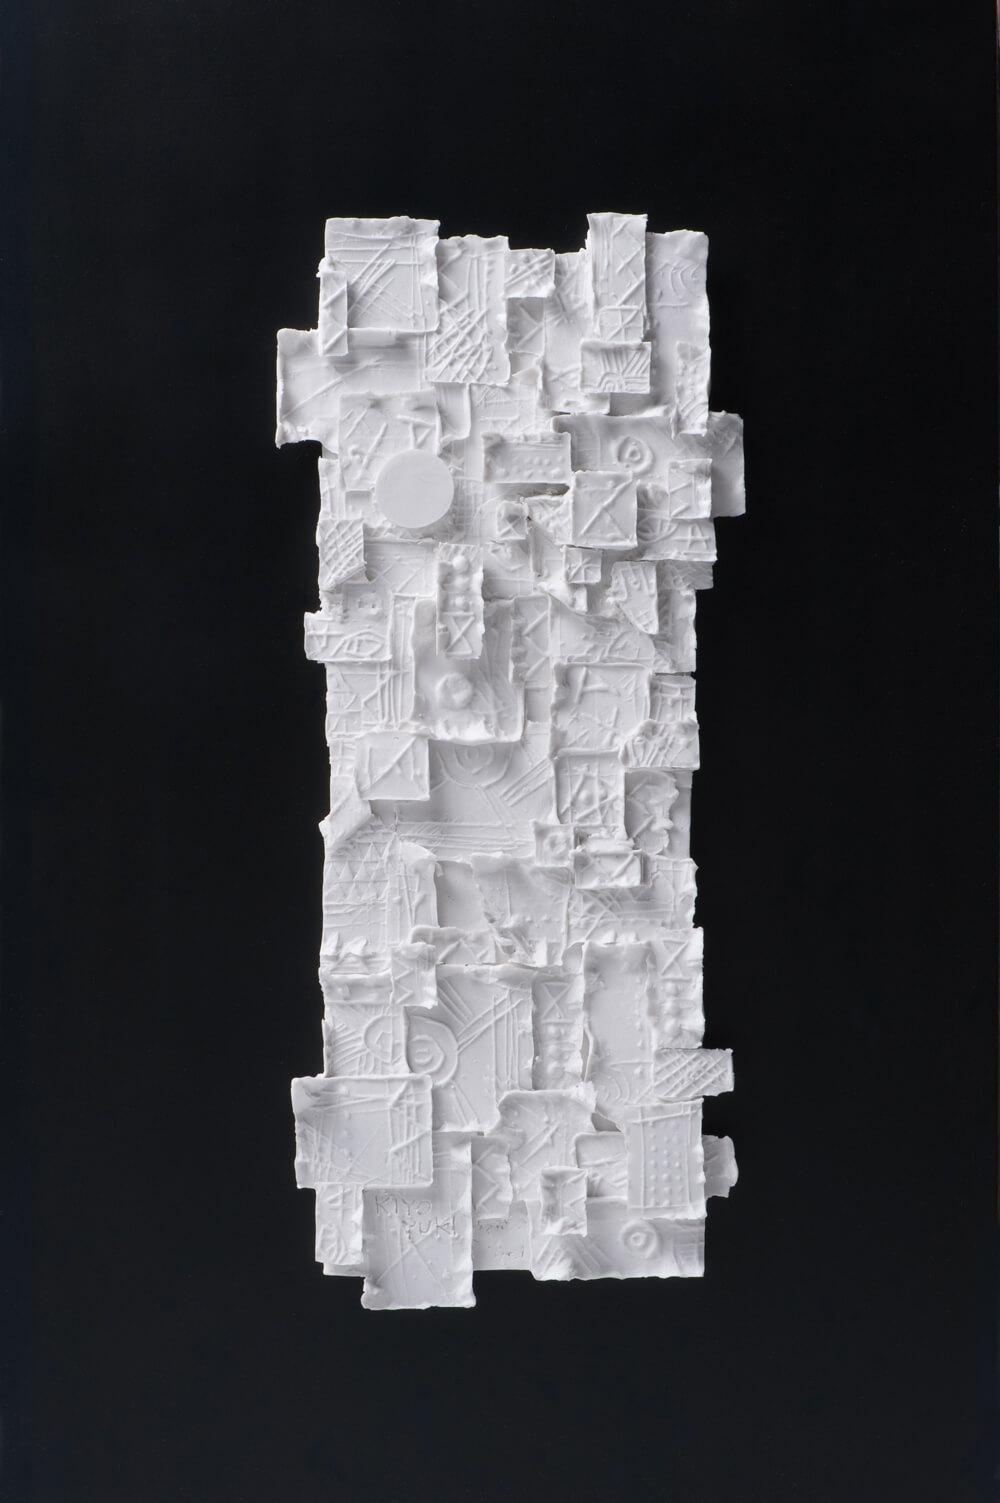 2014年4月19日から開催の「加藤 清之 陶展」の加藤 清之の作品02